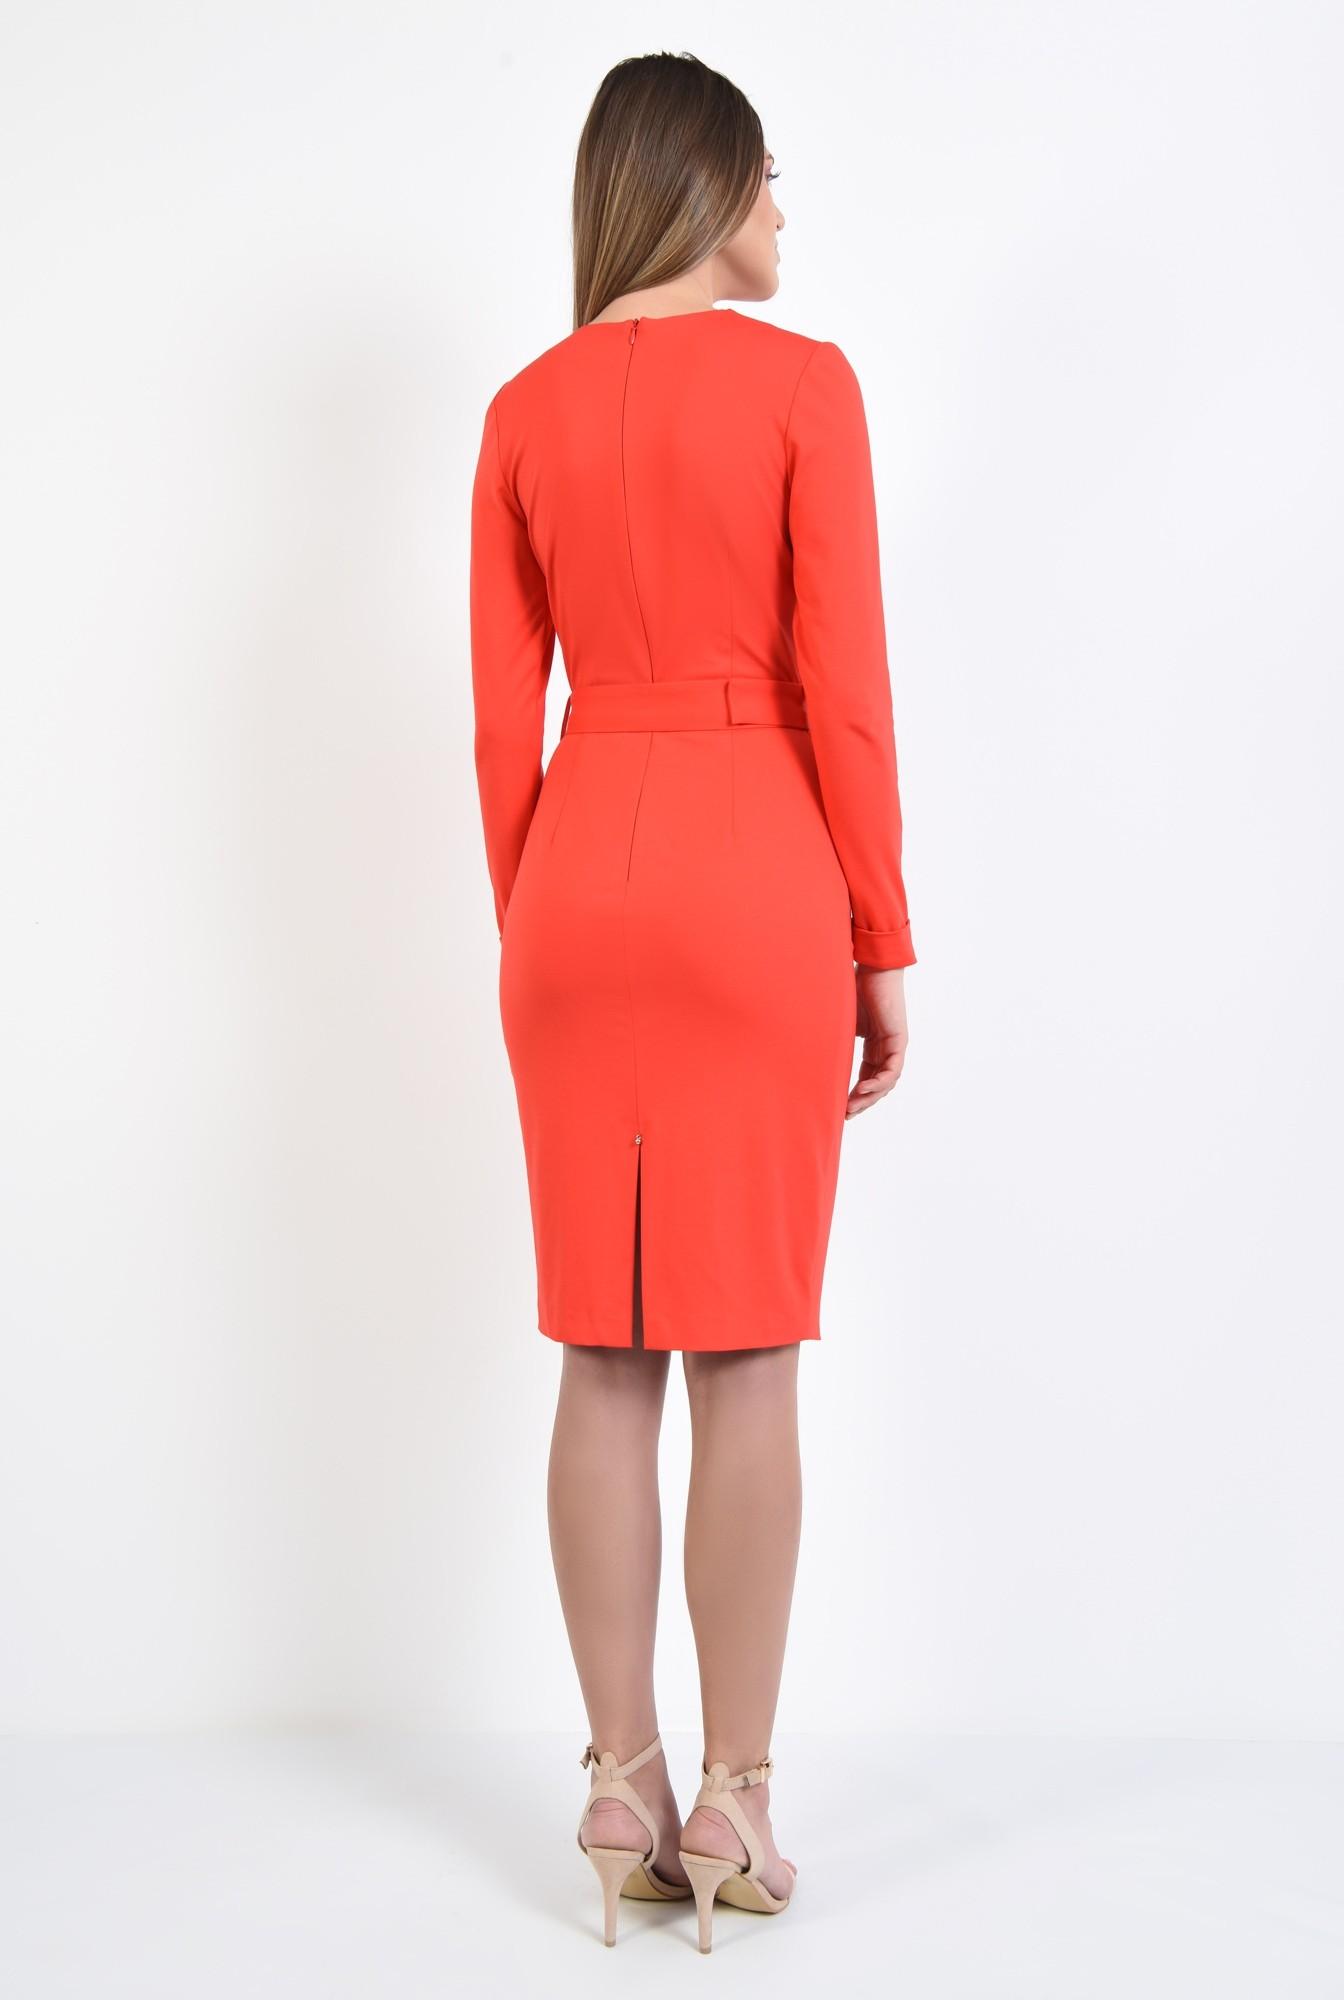 1 - 360 - rochie bodycon, casual, rosu corai, maneci lungi, cu centura